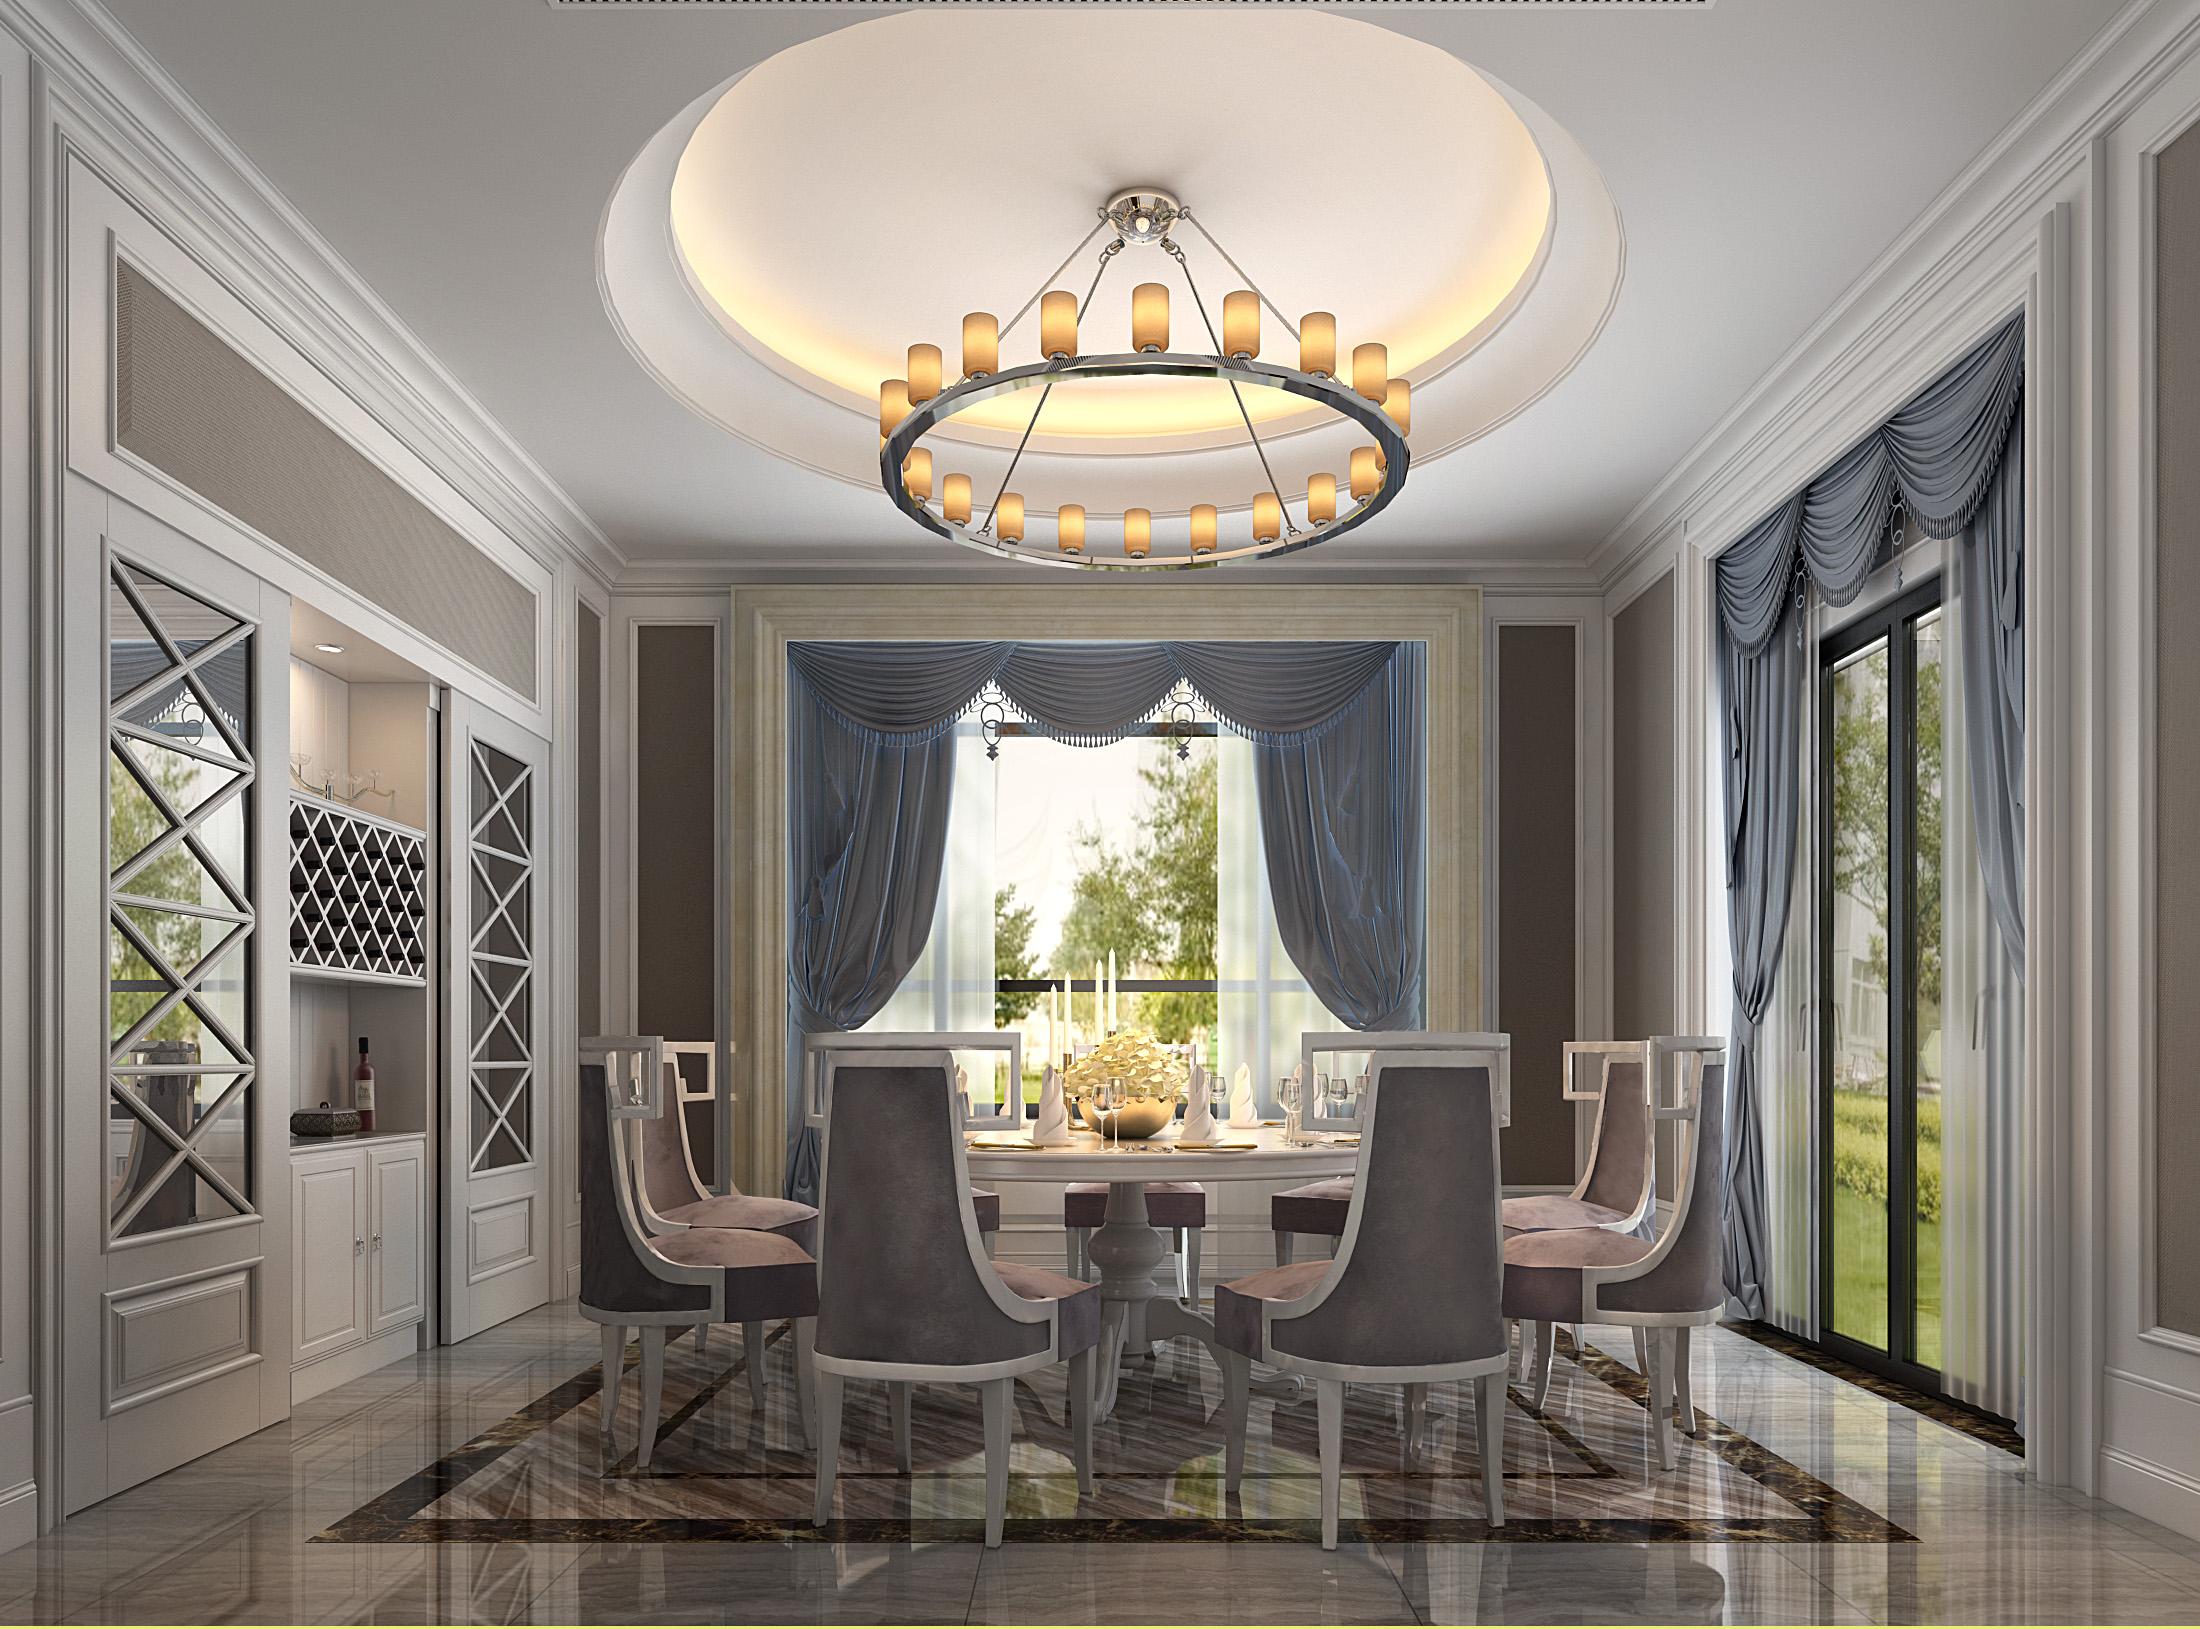 欧式 别墅 客厅 餐厅图片来自几墨空间设计在几墨设计| 欧式浮华的分享